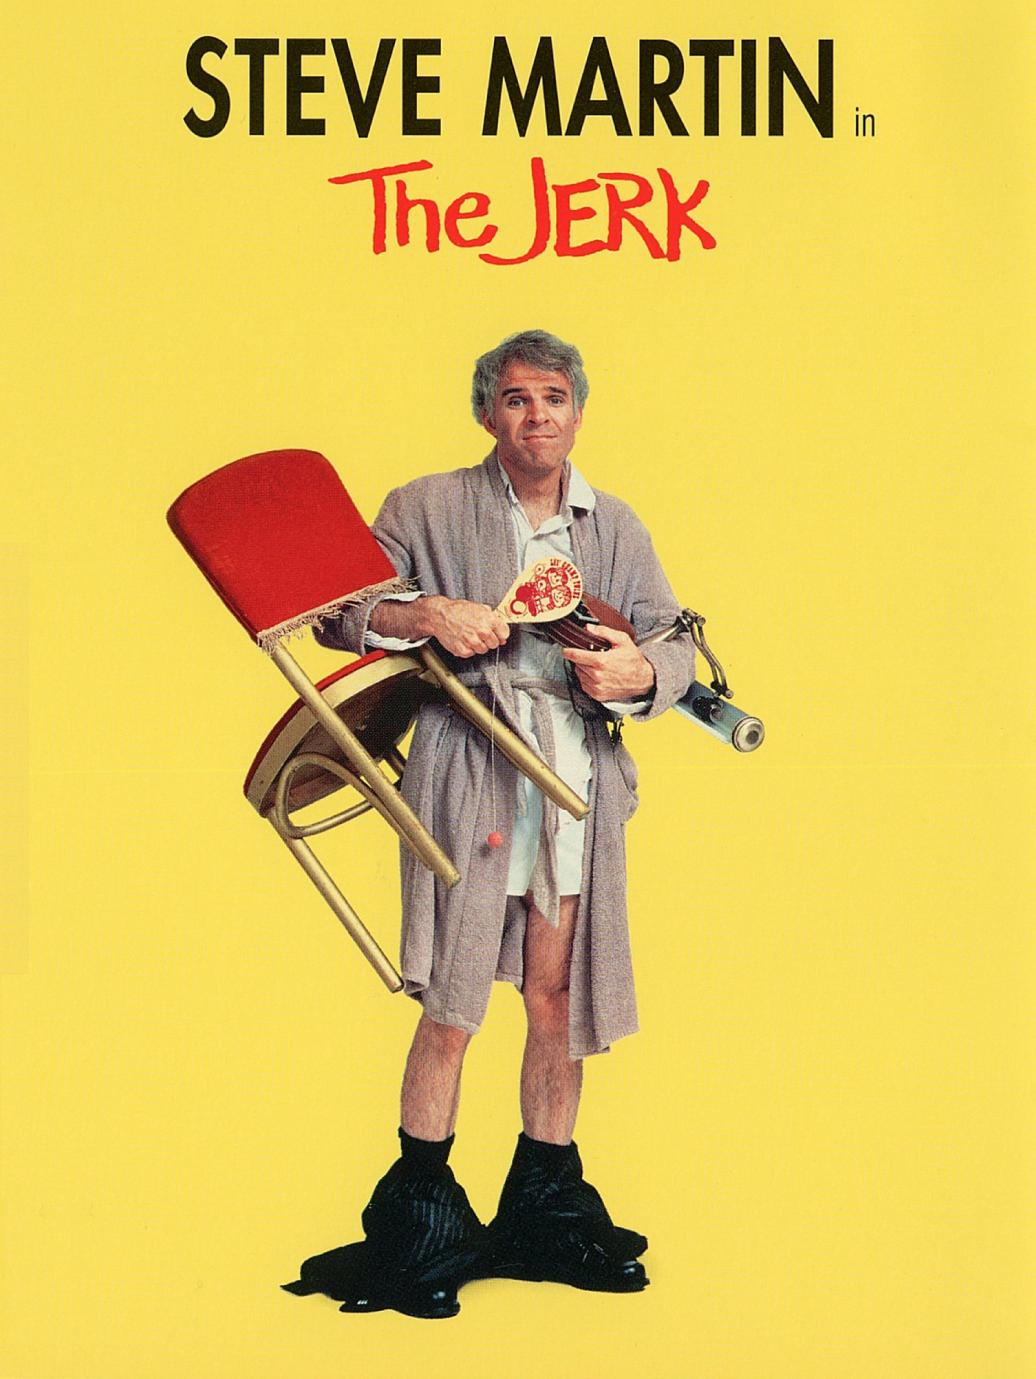 The-Jerk-Movie-Wallpapers-1.jpg